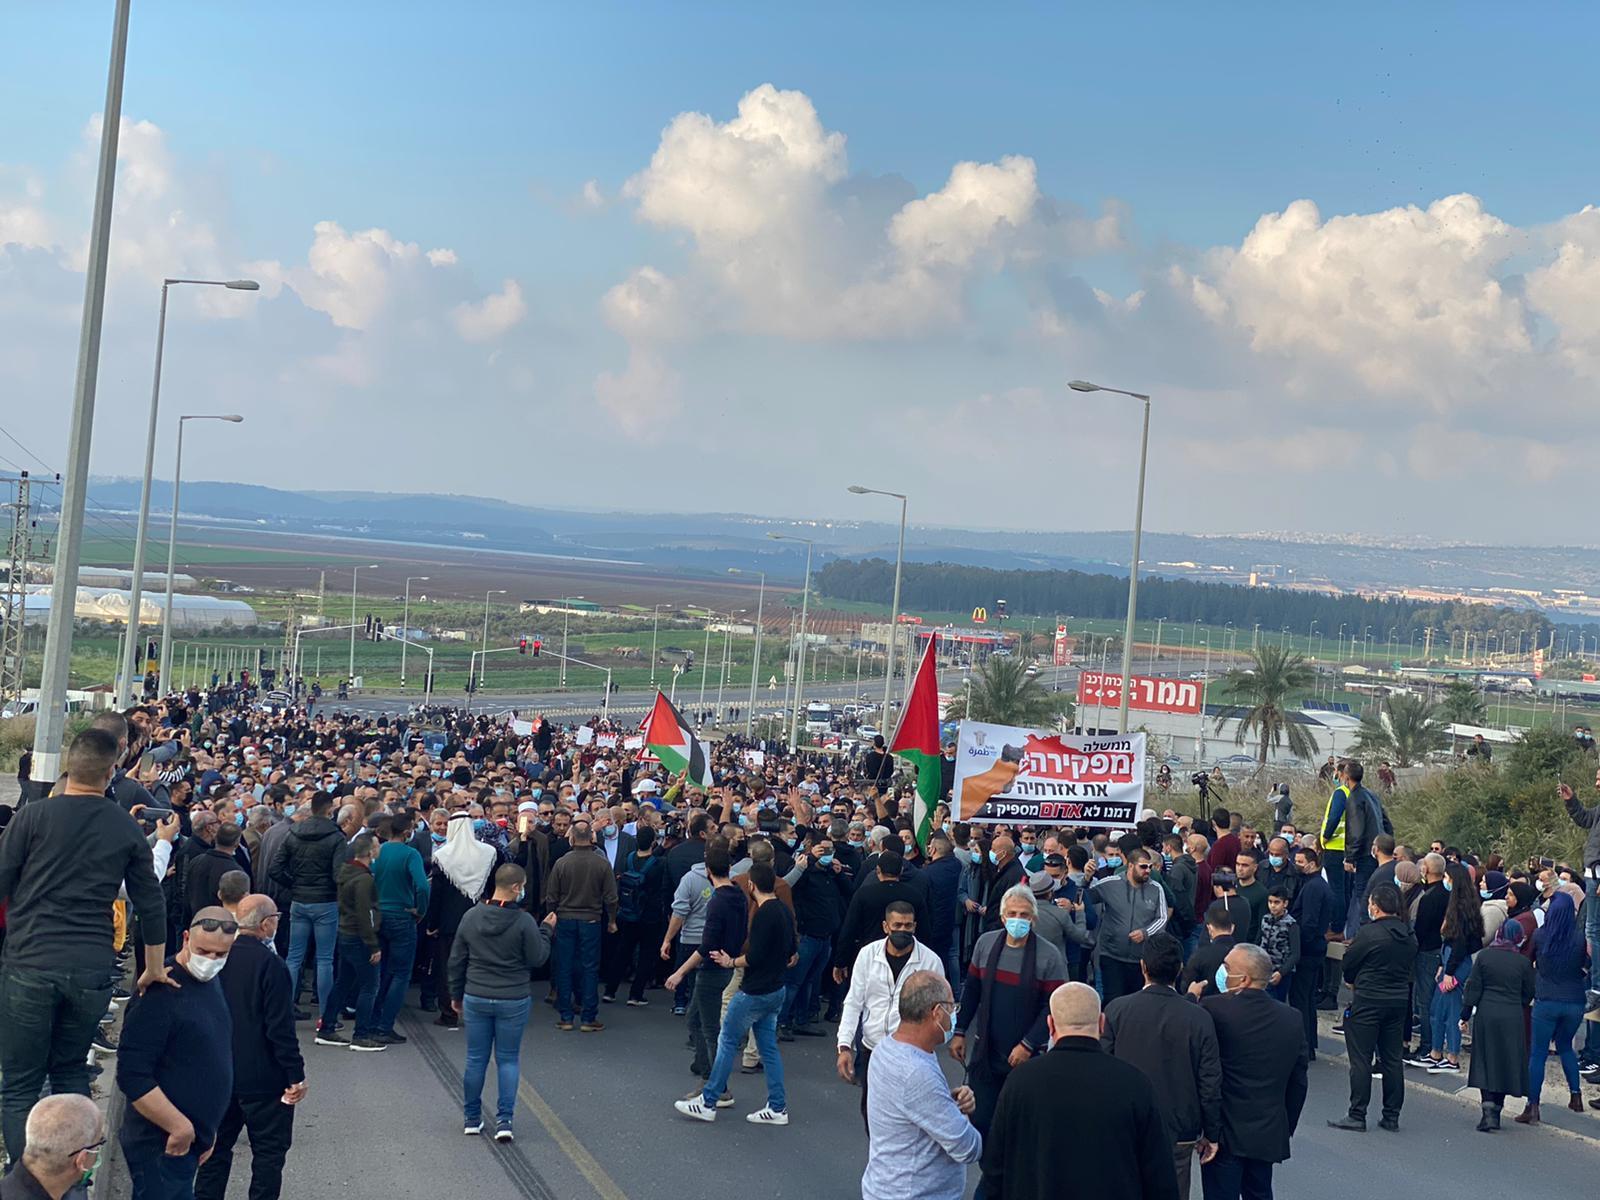 طمرة: الآلاف يتظاهرون ضد الجريمة والشرطة وإغلاق شارع 70